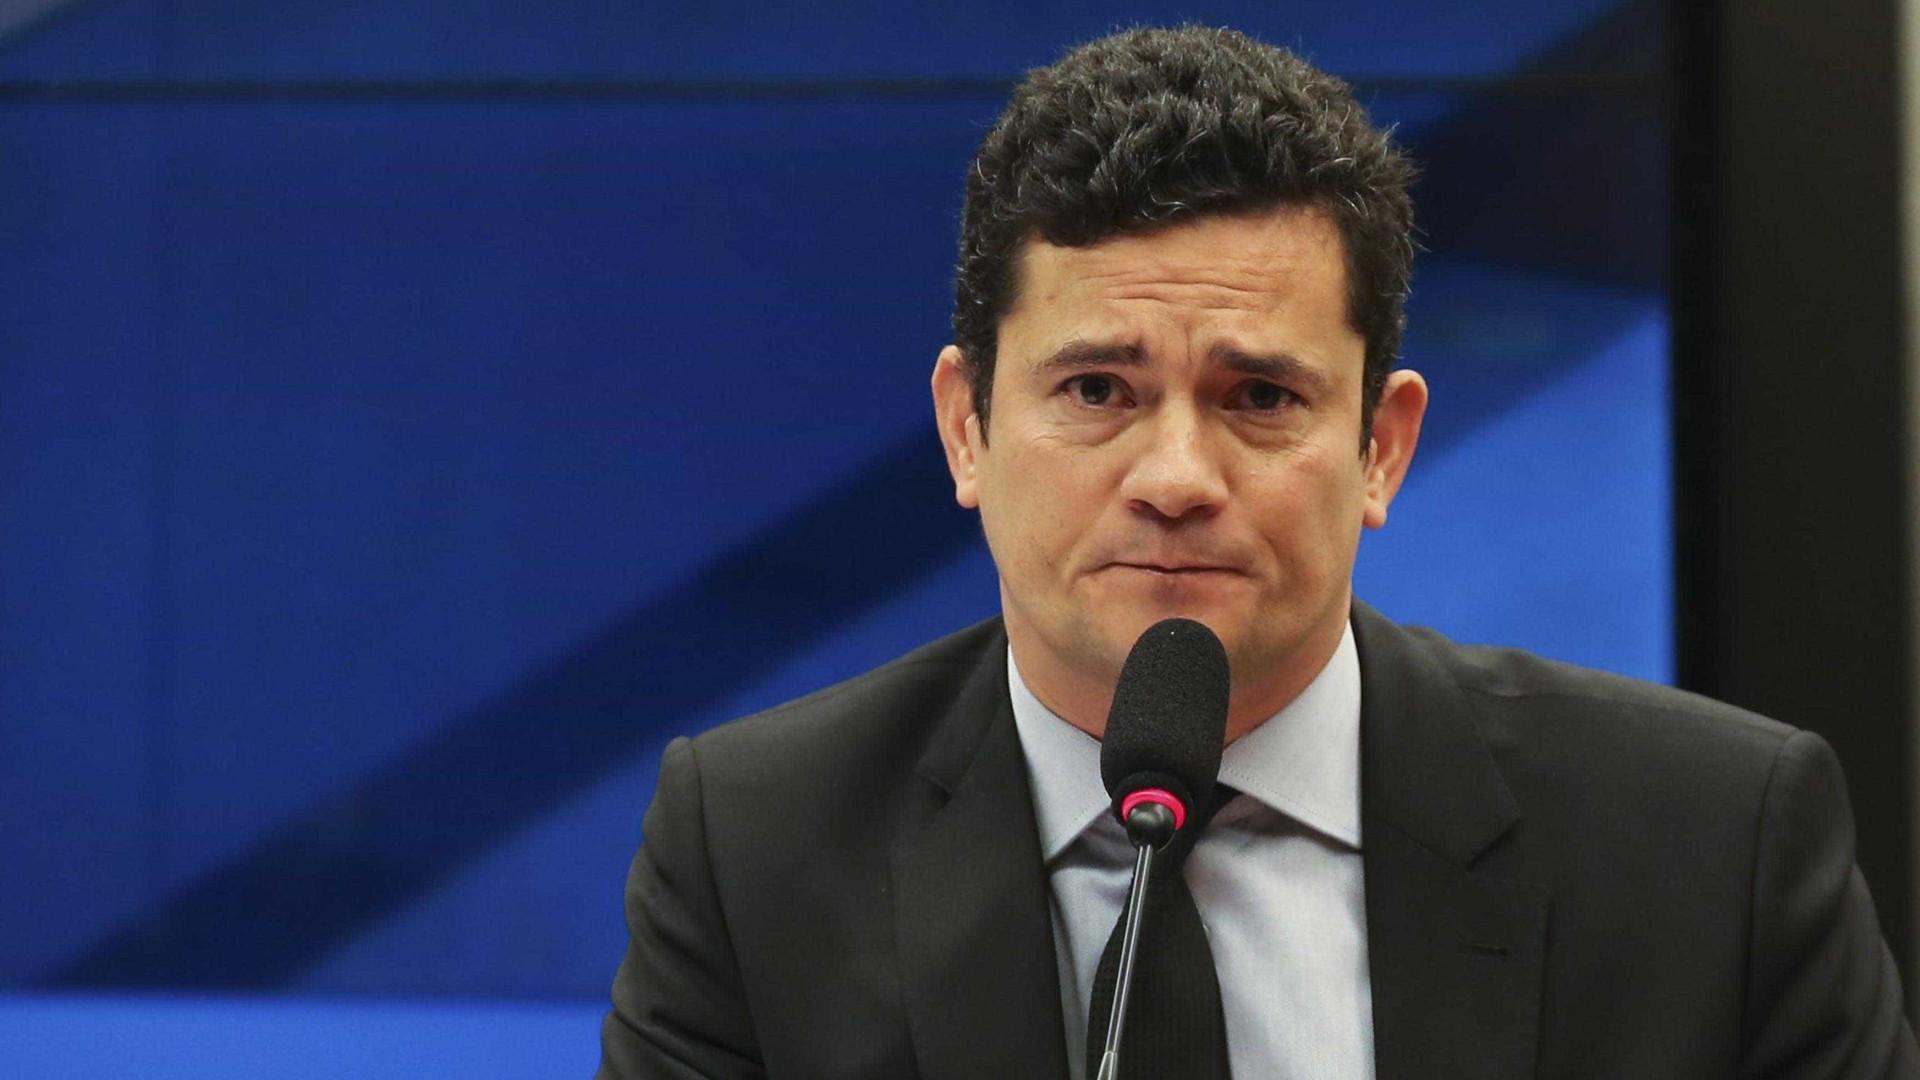 Moro nega sentir 'satisfação pessoal' ao condenar Lula